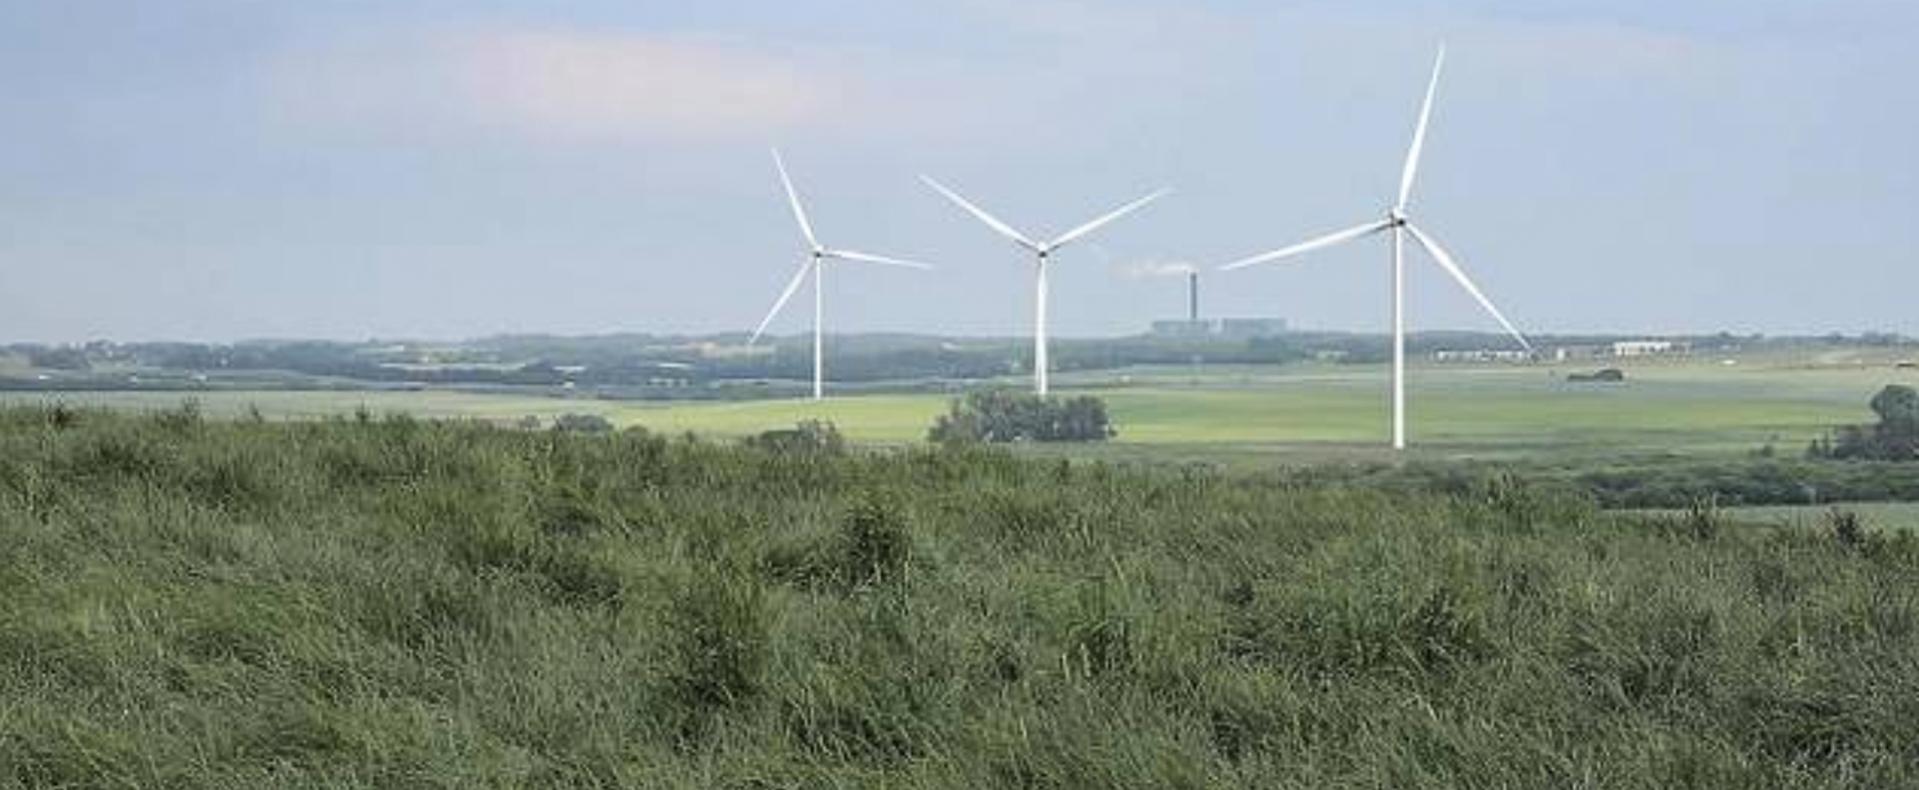 Høring starter på onsdag:Skal Aarhus have 150 meter høje vindmøller?